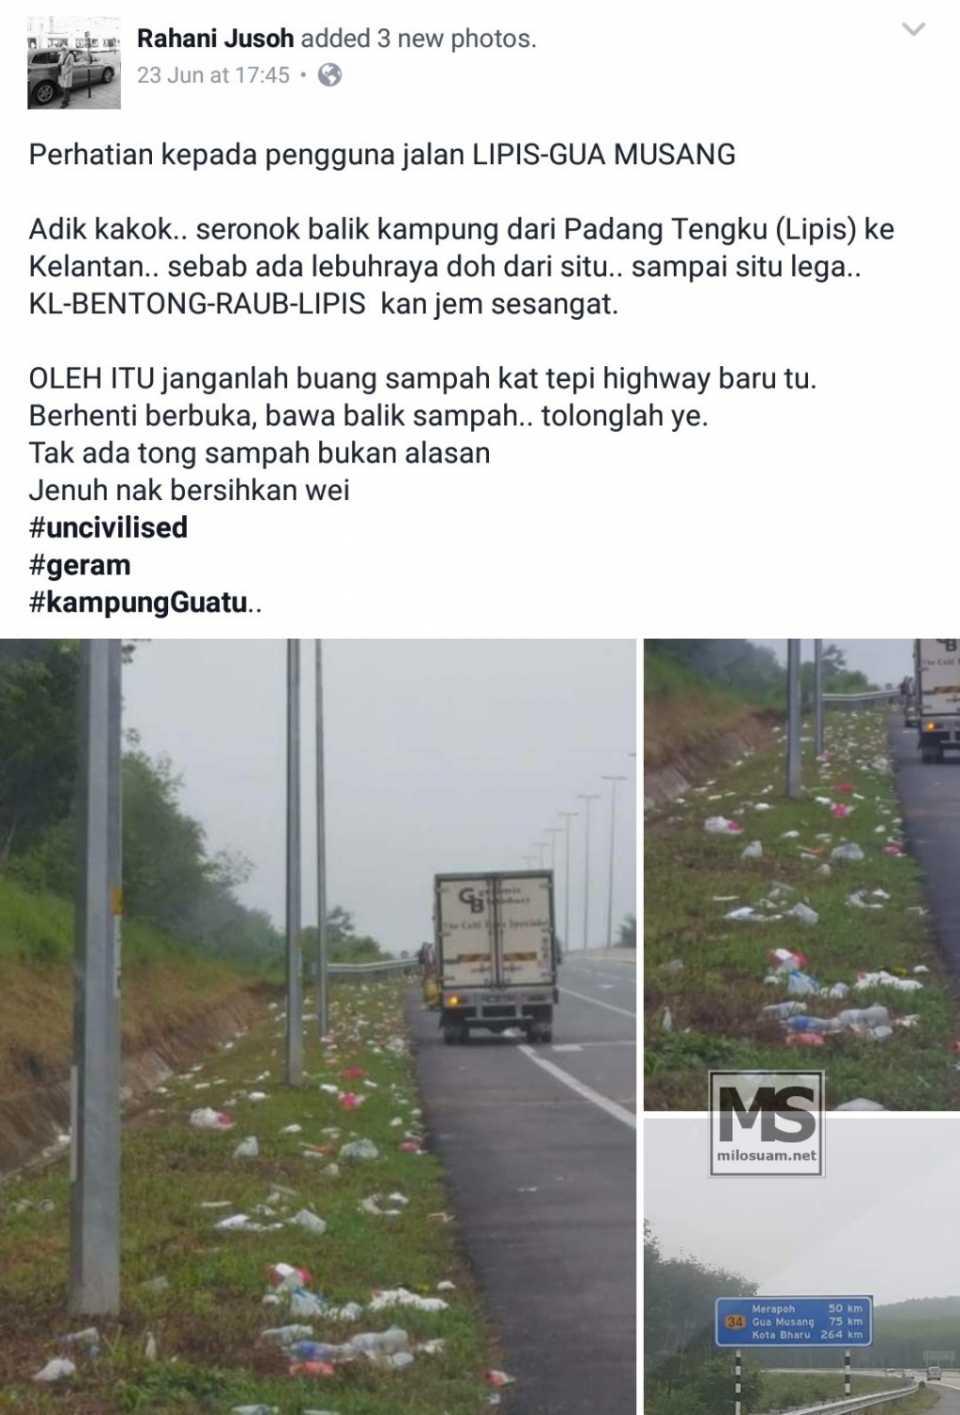 buang-sampah-719162.jpg